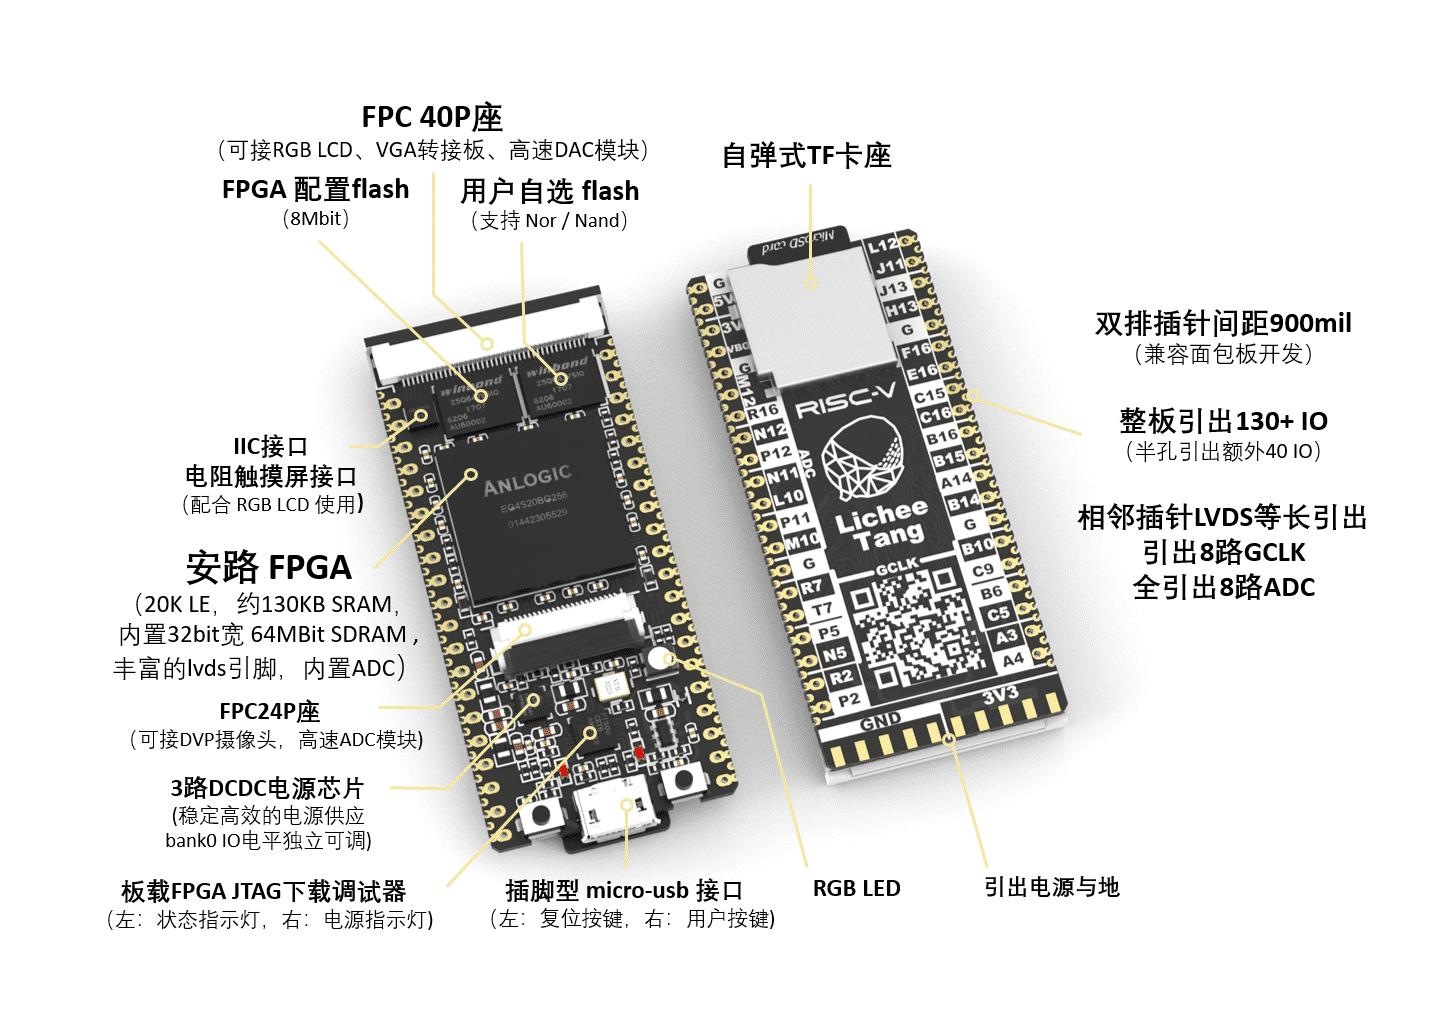 Auf dem Lichee Tang sitzt ein FPGA-Chip, der einen RISC-V E203 ausführt.